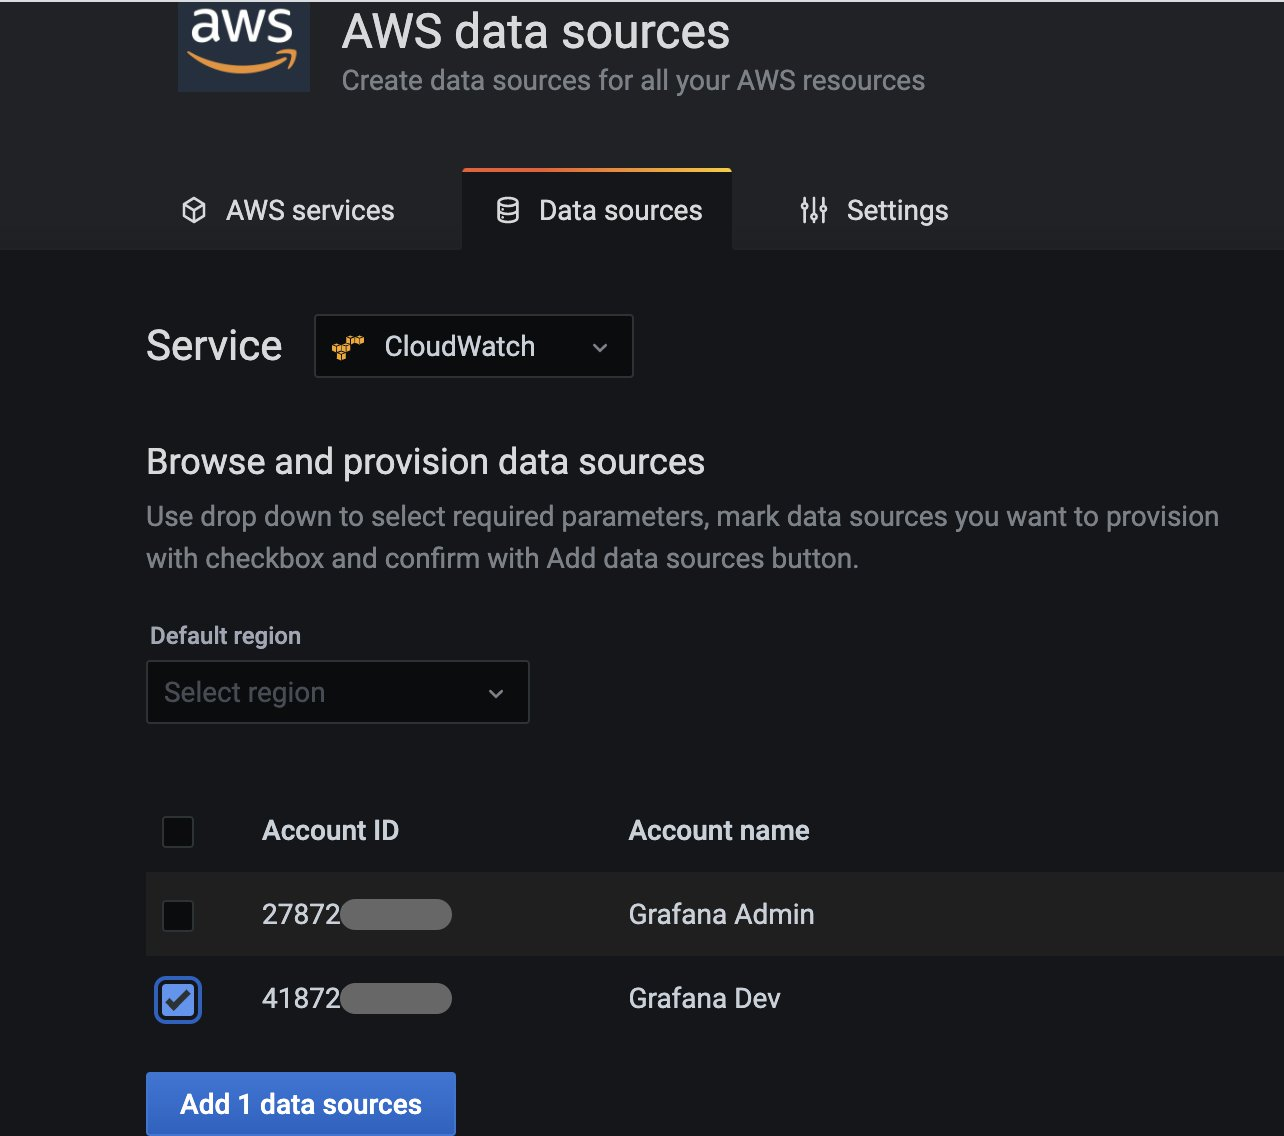 Автоматически найденные источники данных в AWS